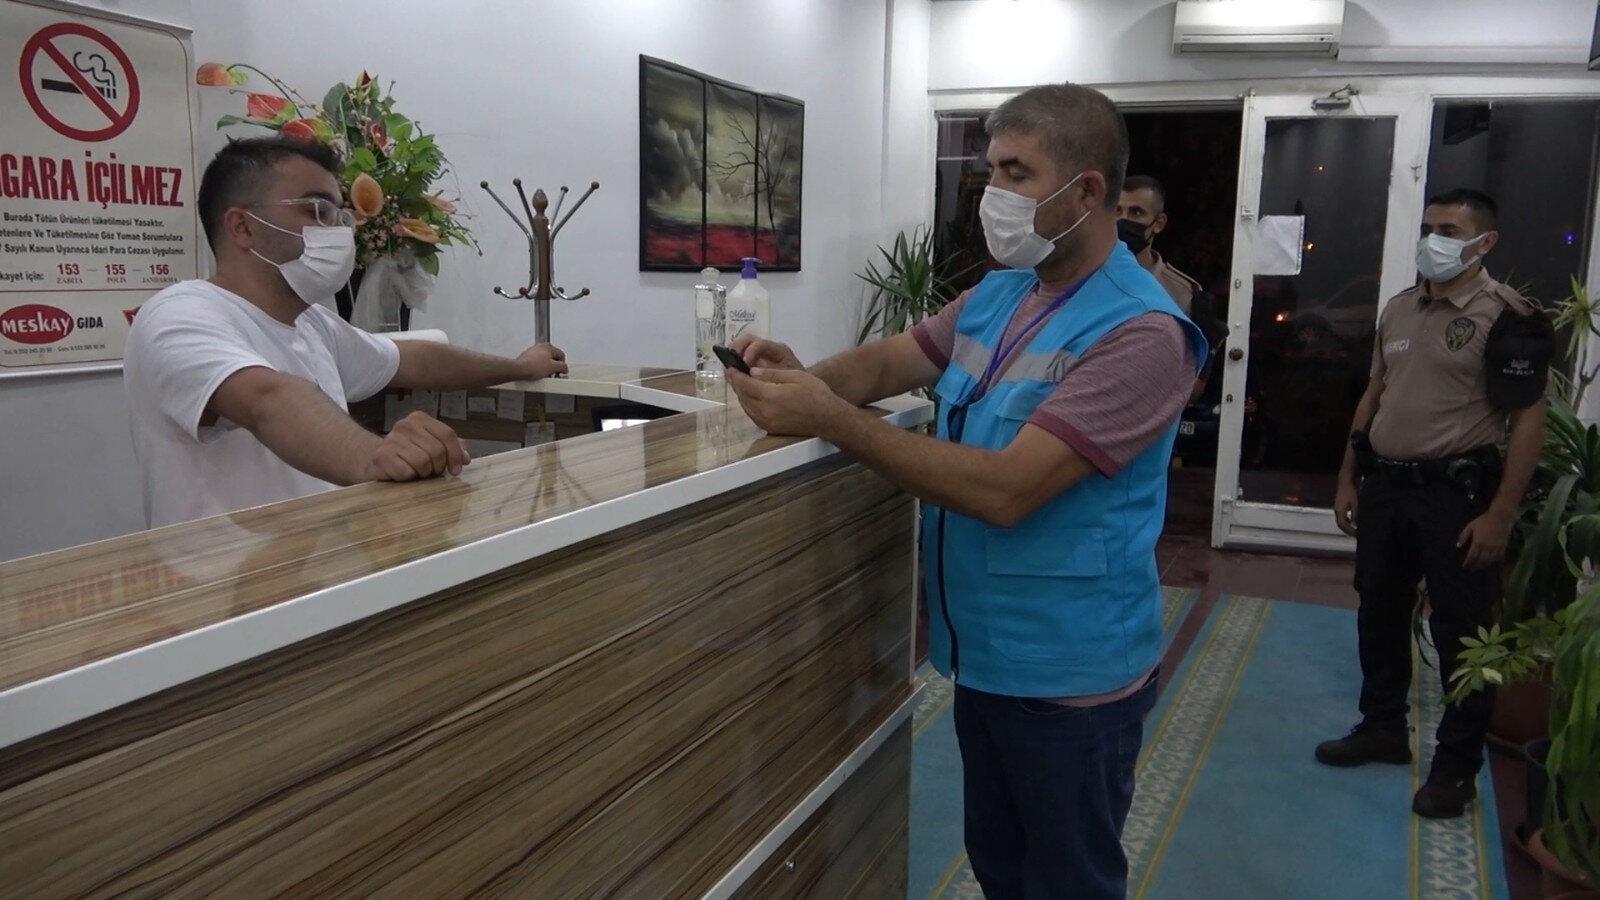 Otel işletmecisine de 4 bin 50'şer lira idari para cezası uygulandı.